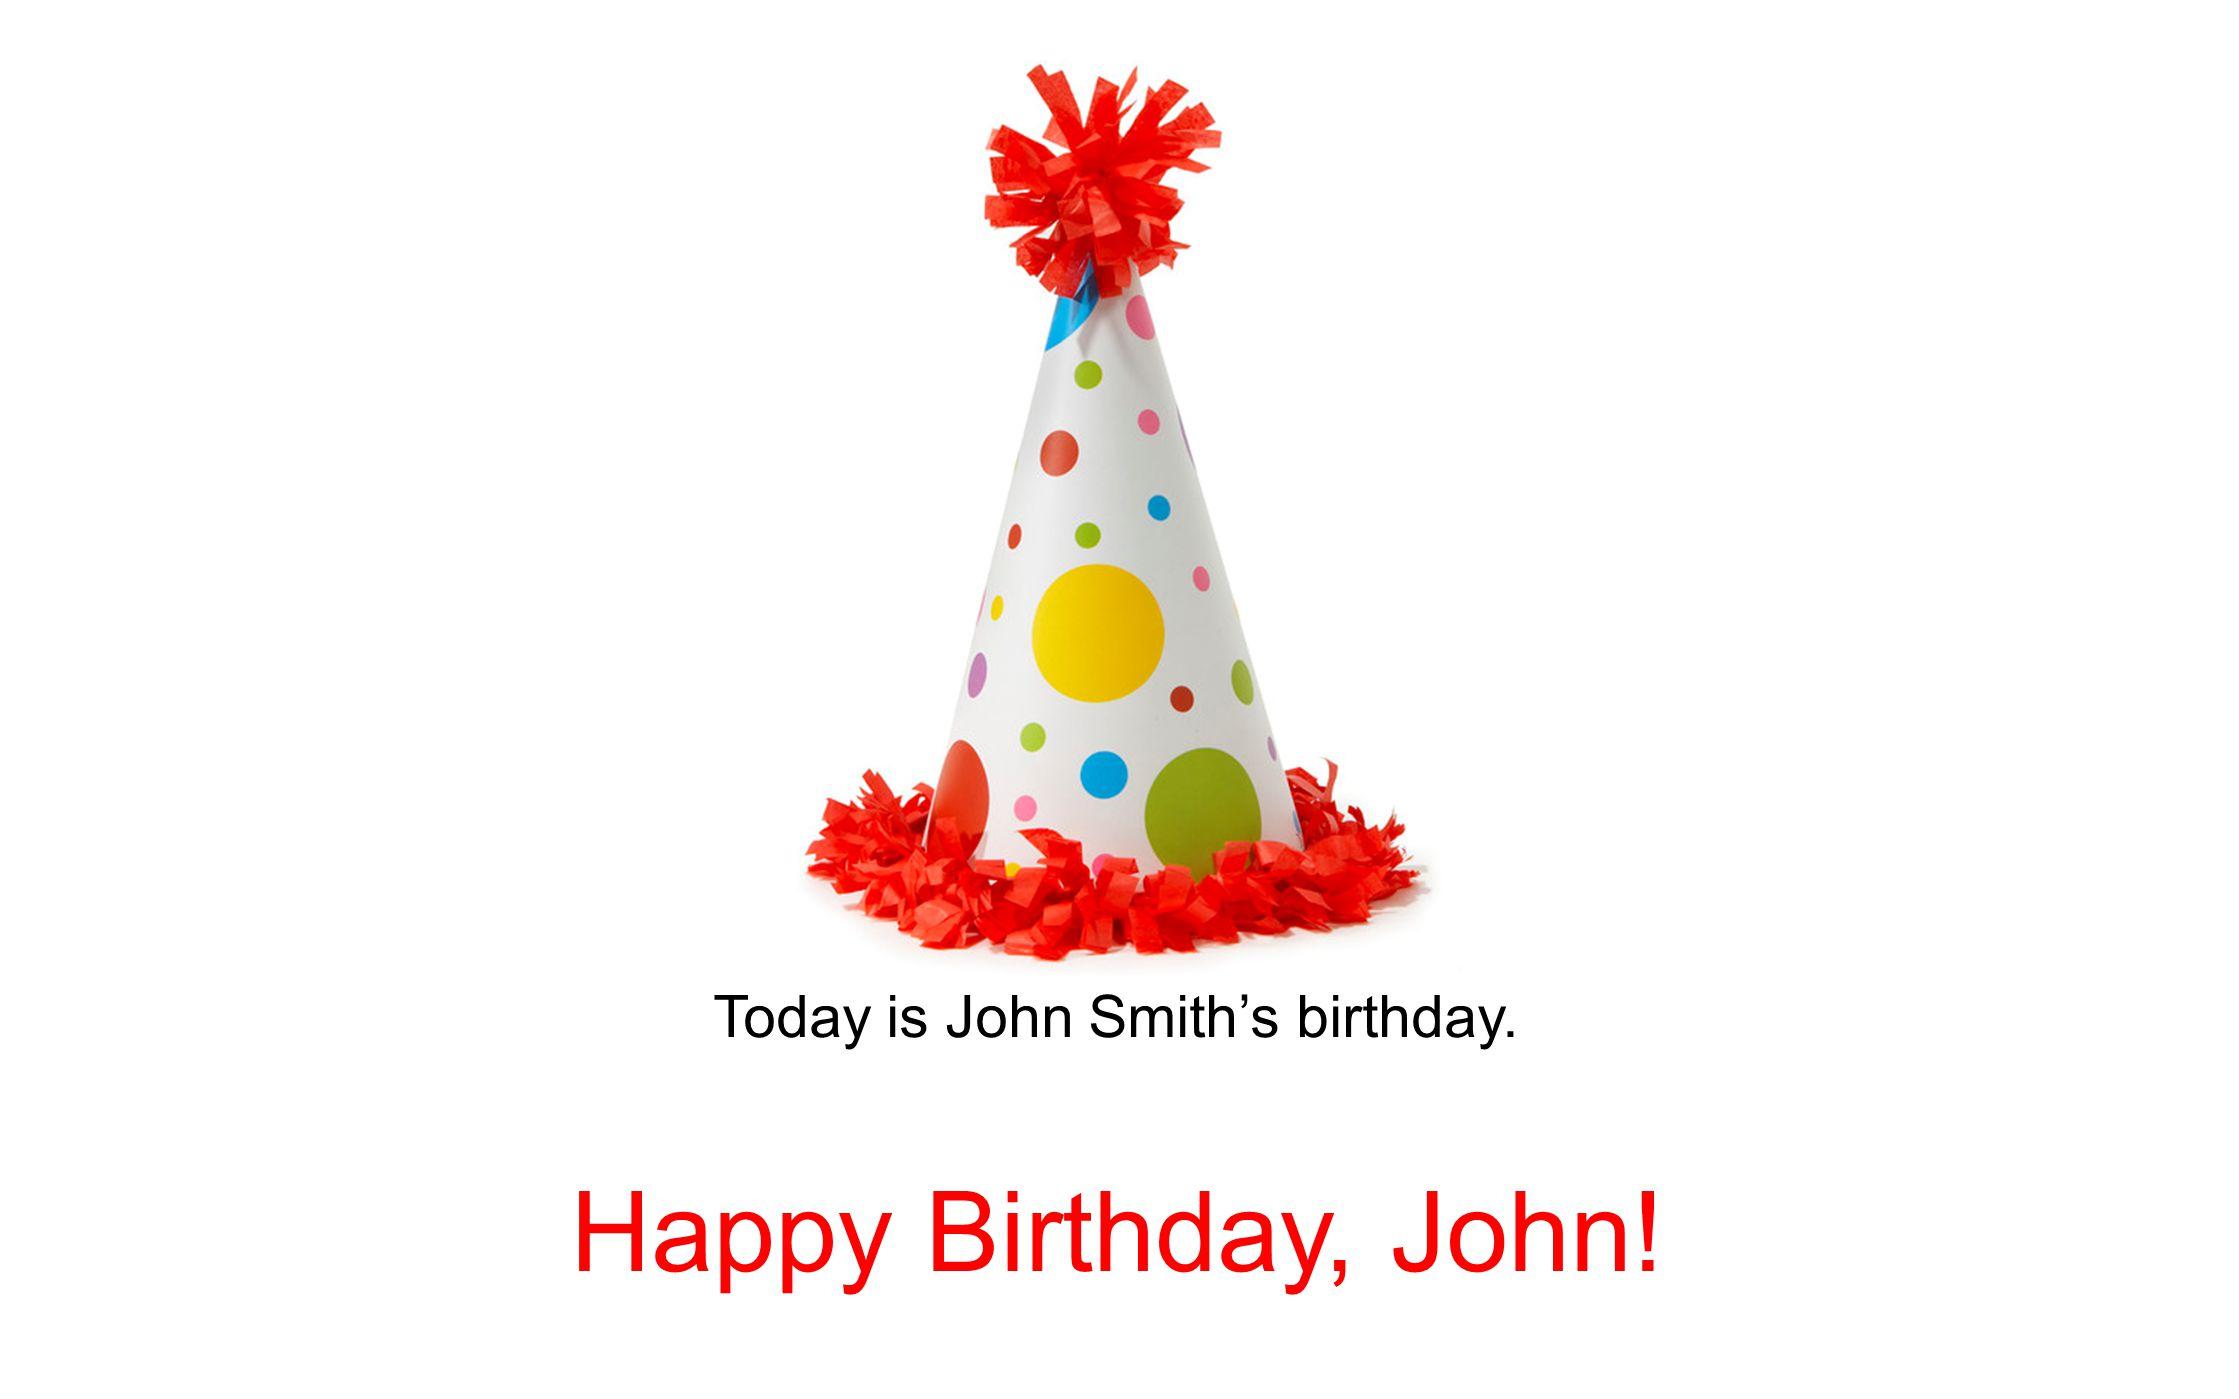 Today is John Smith's birthday. Happy Birthday, John!